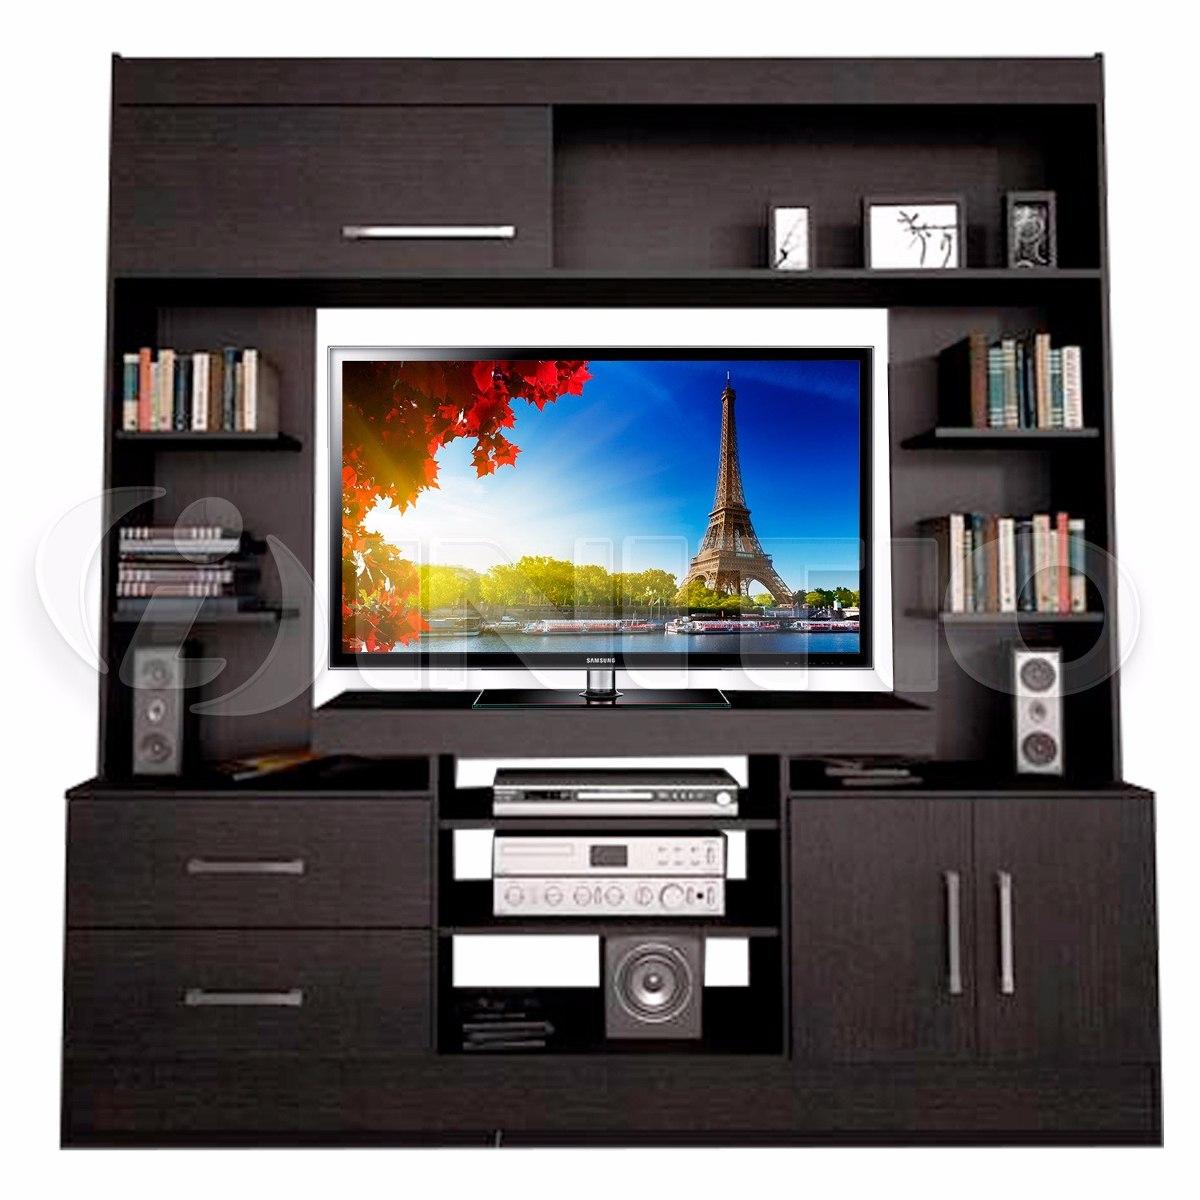 Modular Rack Mesa Tv Lcd Led 40 46 47 Muebles Hogar 7201 4 599  # Muebles Fiplasto